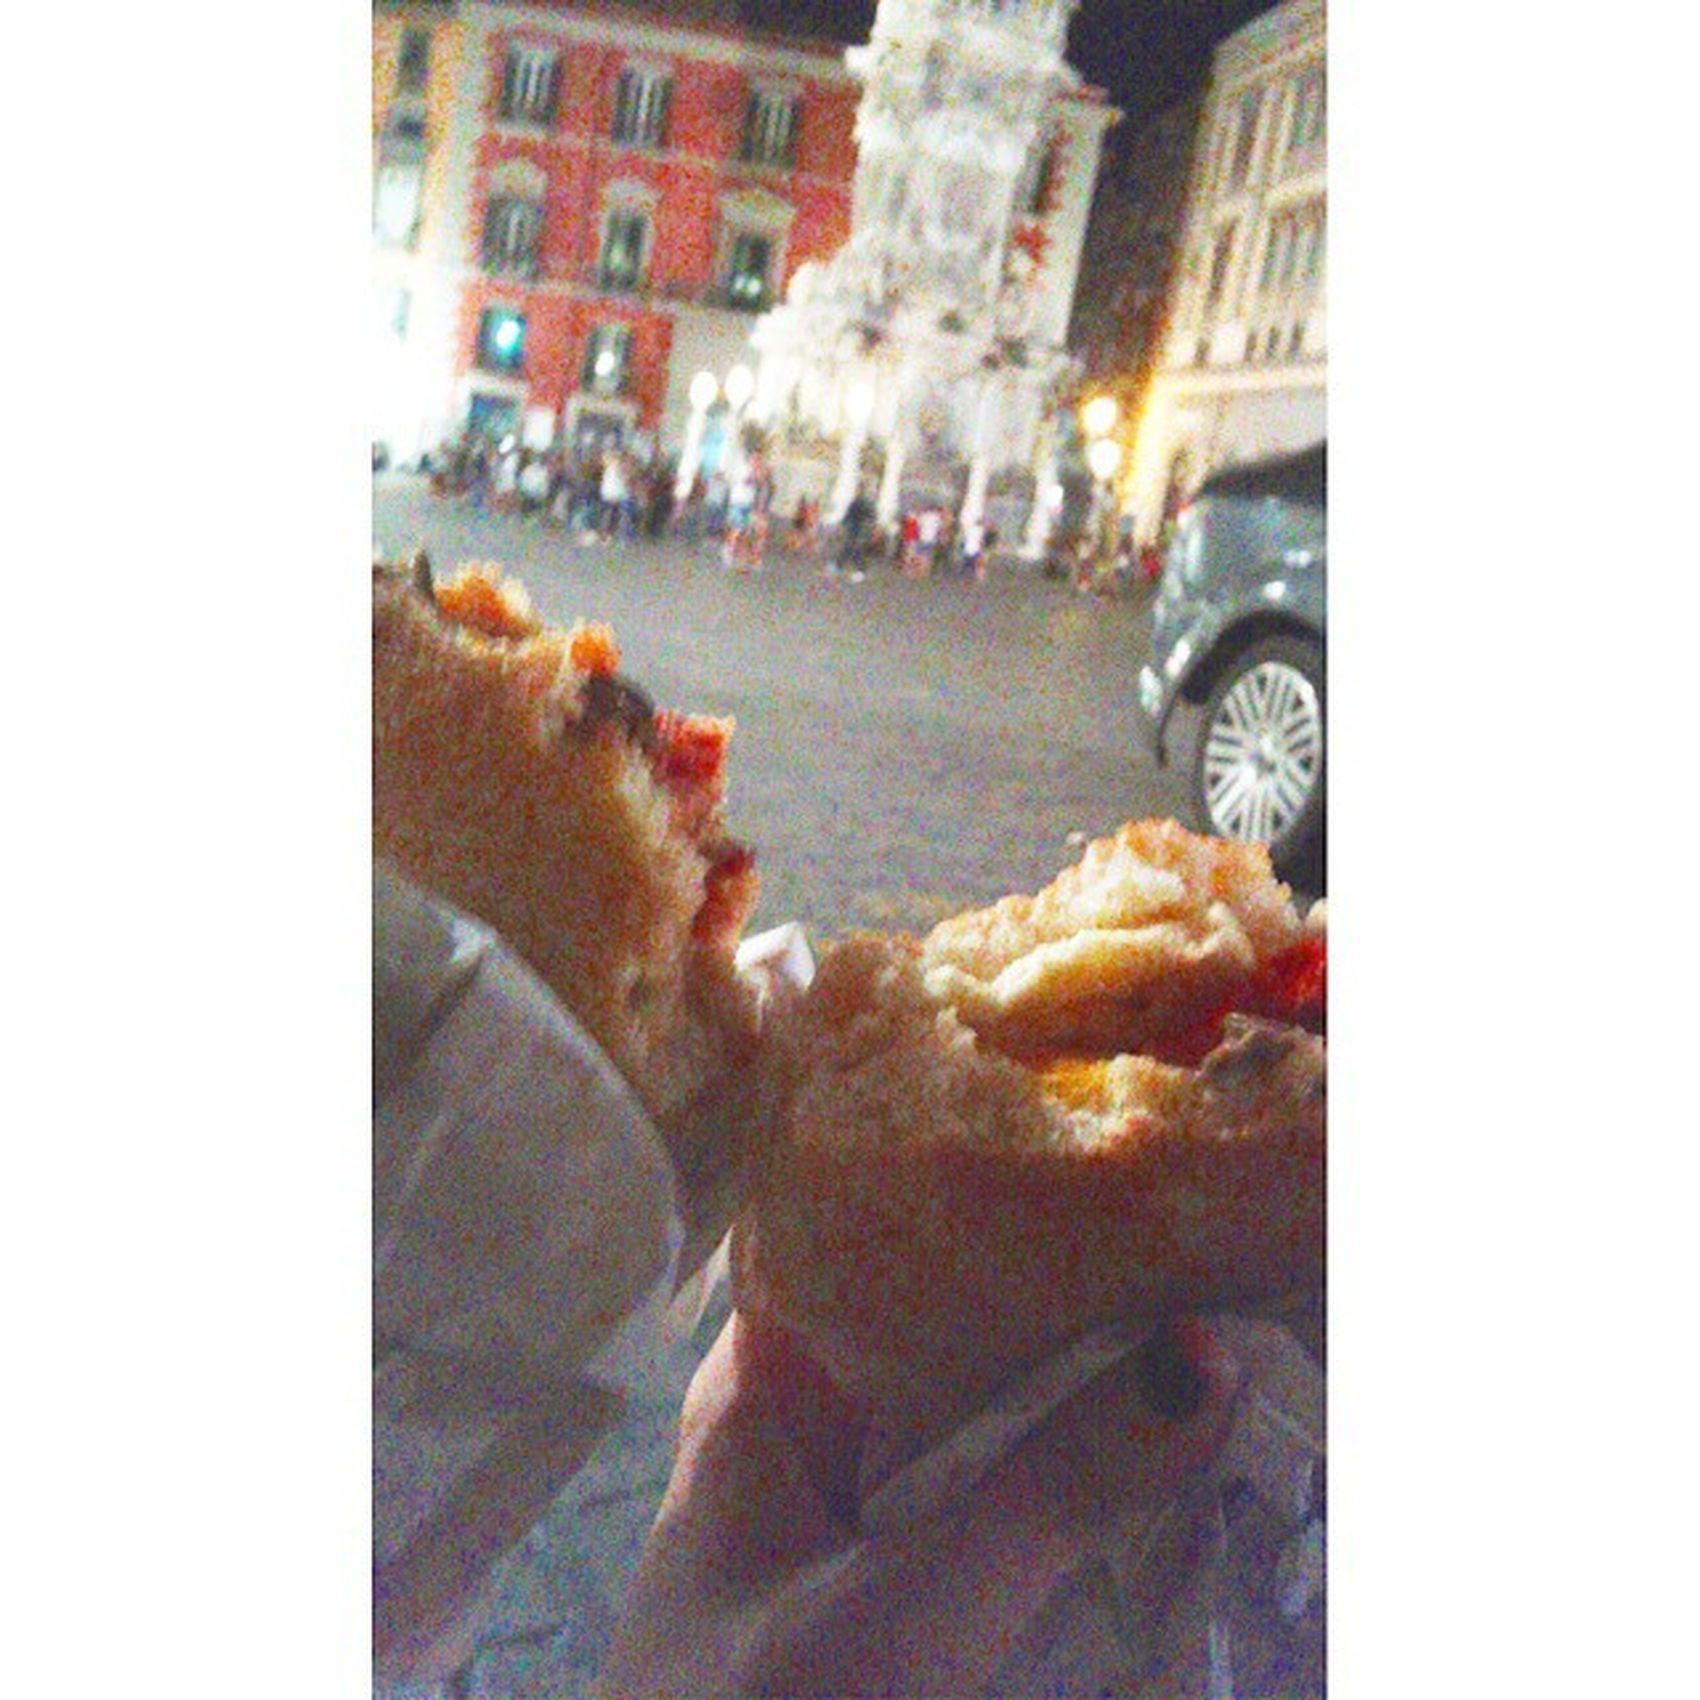 A mali estremi,mangia e rimedi.?✋ Piazzadelgesù Conlamiamicia Panini Love